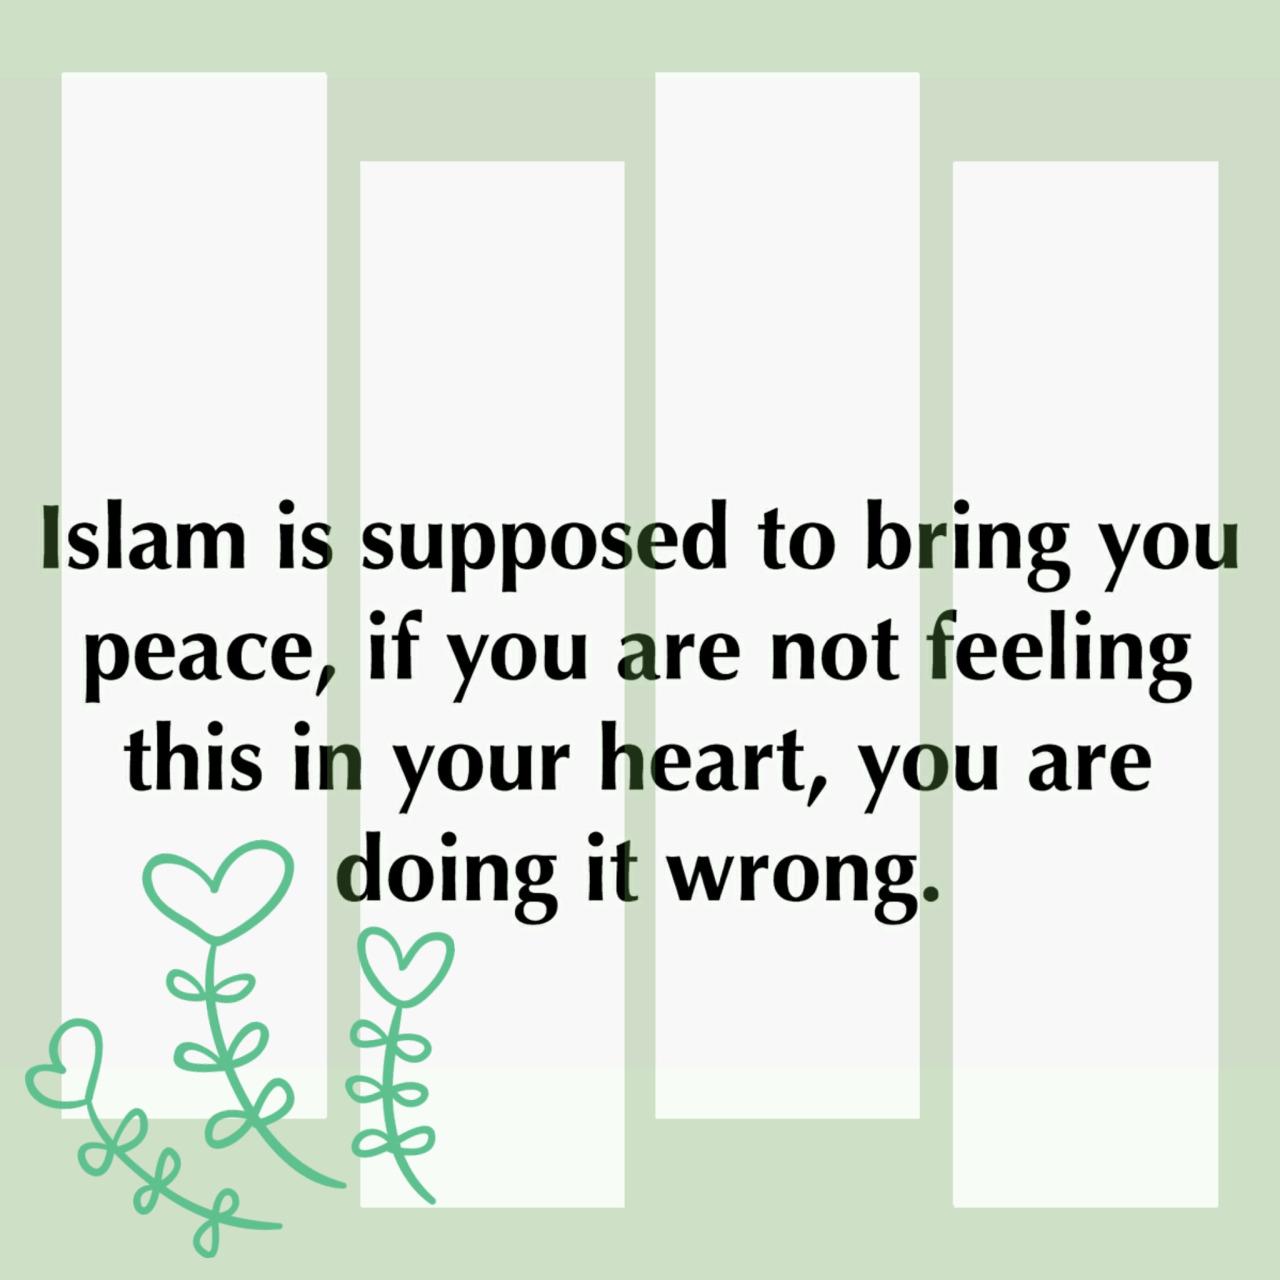 Islam brings peace